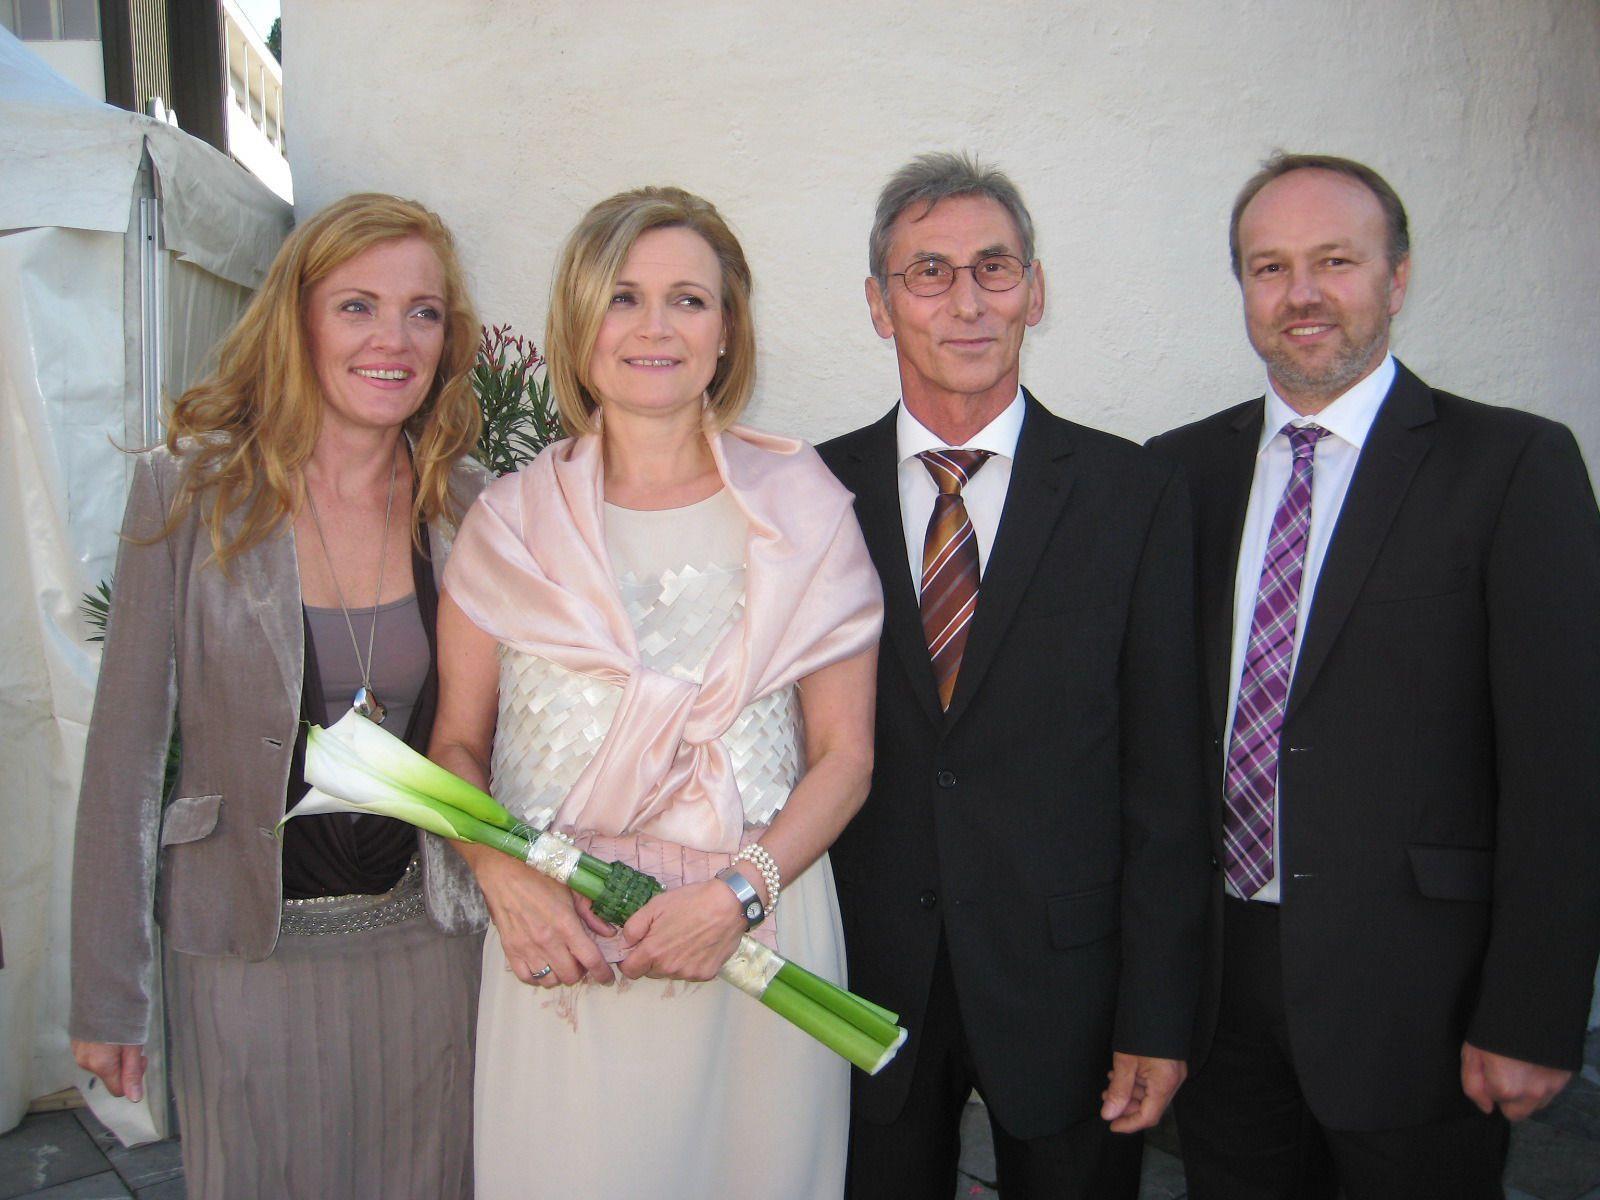 Rosemarie Herzog und Franz Fink haben geheiratet.